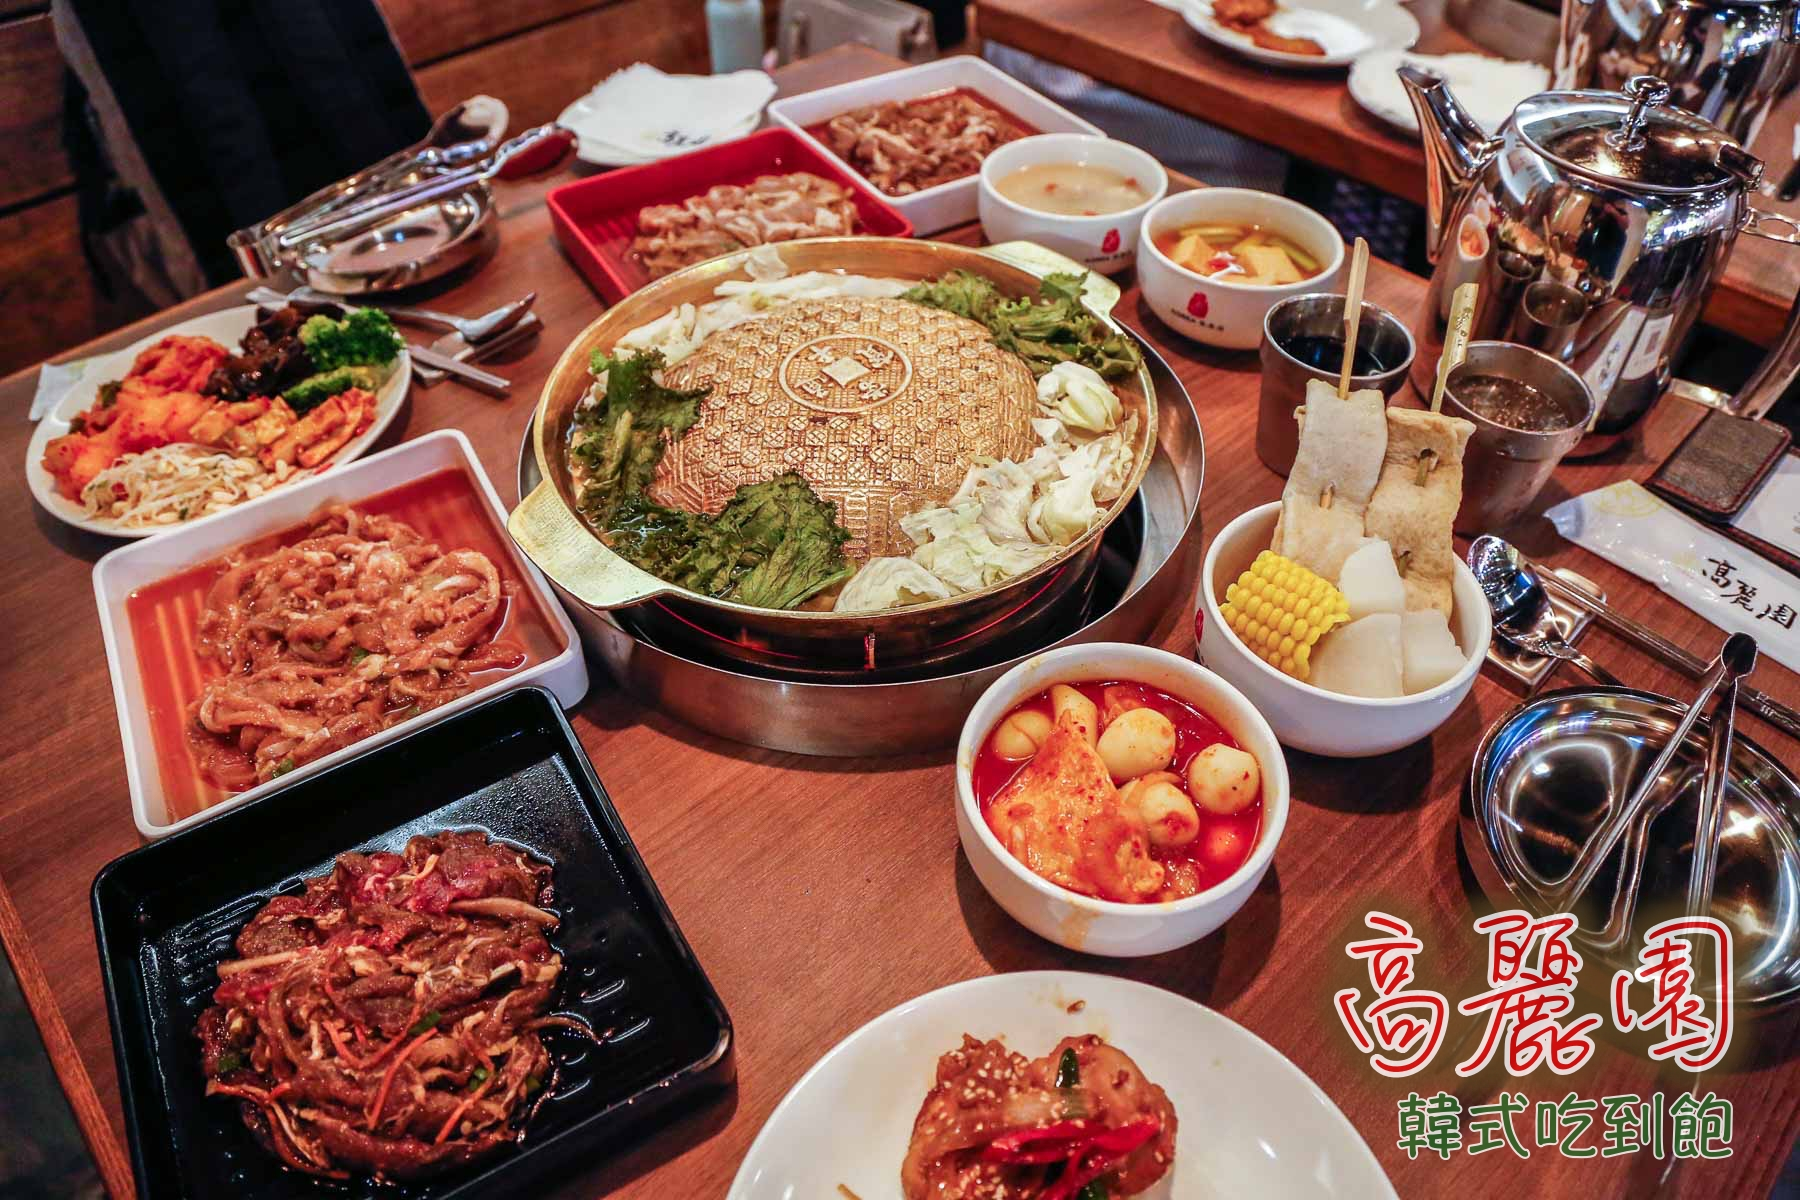 最新推播訊息:[中壢美食]高麗園銅盤烤肉 大江店|韓式銅盤烤肉吃到飽.慶開幕四人同行一人免費/每人409元再搭配經典二十道韓食